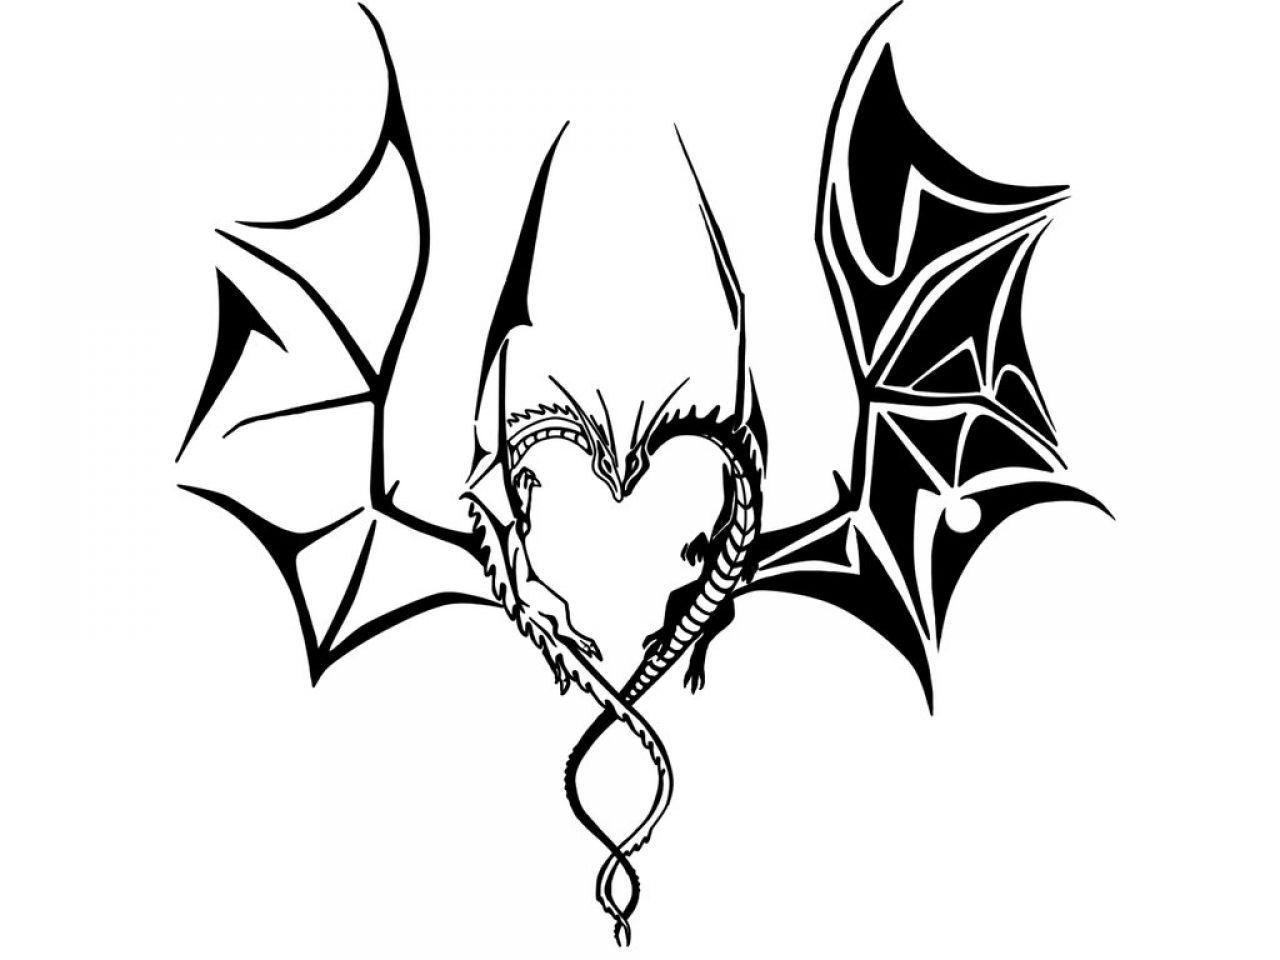 Tribal Dragon Tattoos | TATTOO DESIGN | Pinterest | Tribal ...